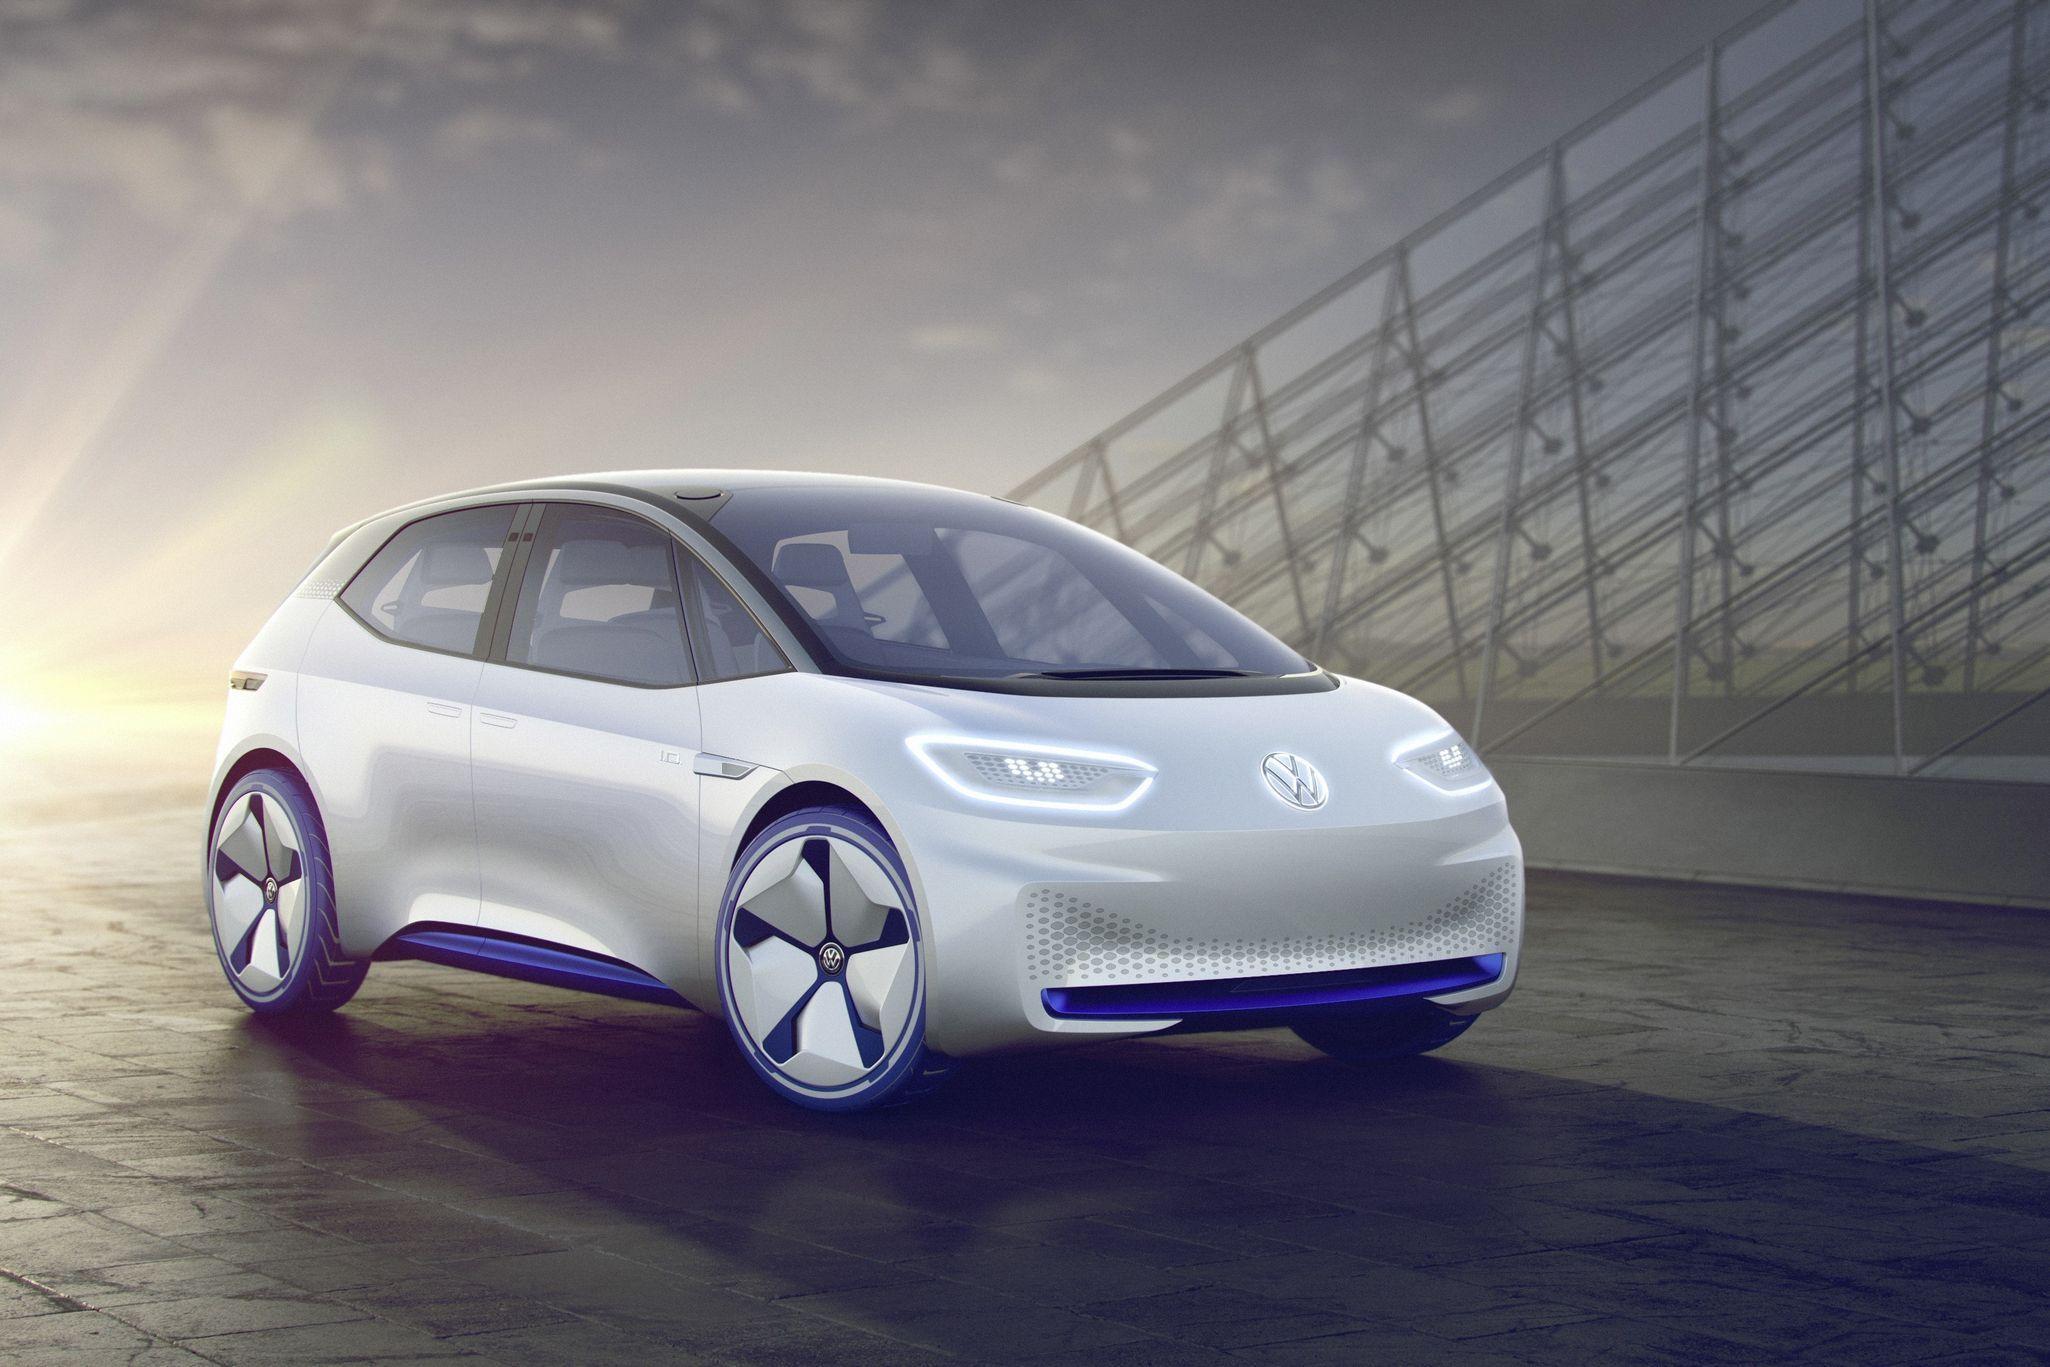 Das Radikal Wirkende Elektroauto Von Volkswagen Soll Sie Dieselgate Vergessen Lassen Car Vehicles